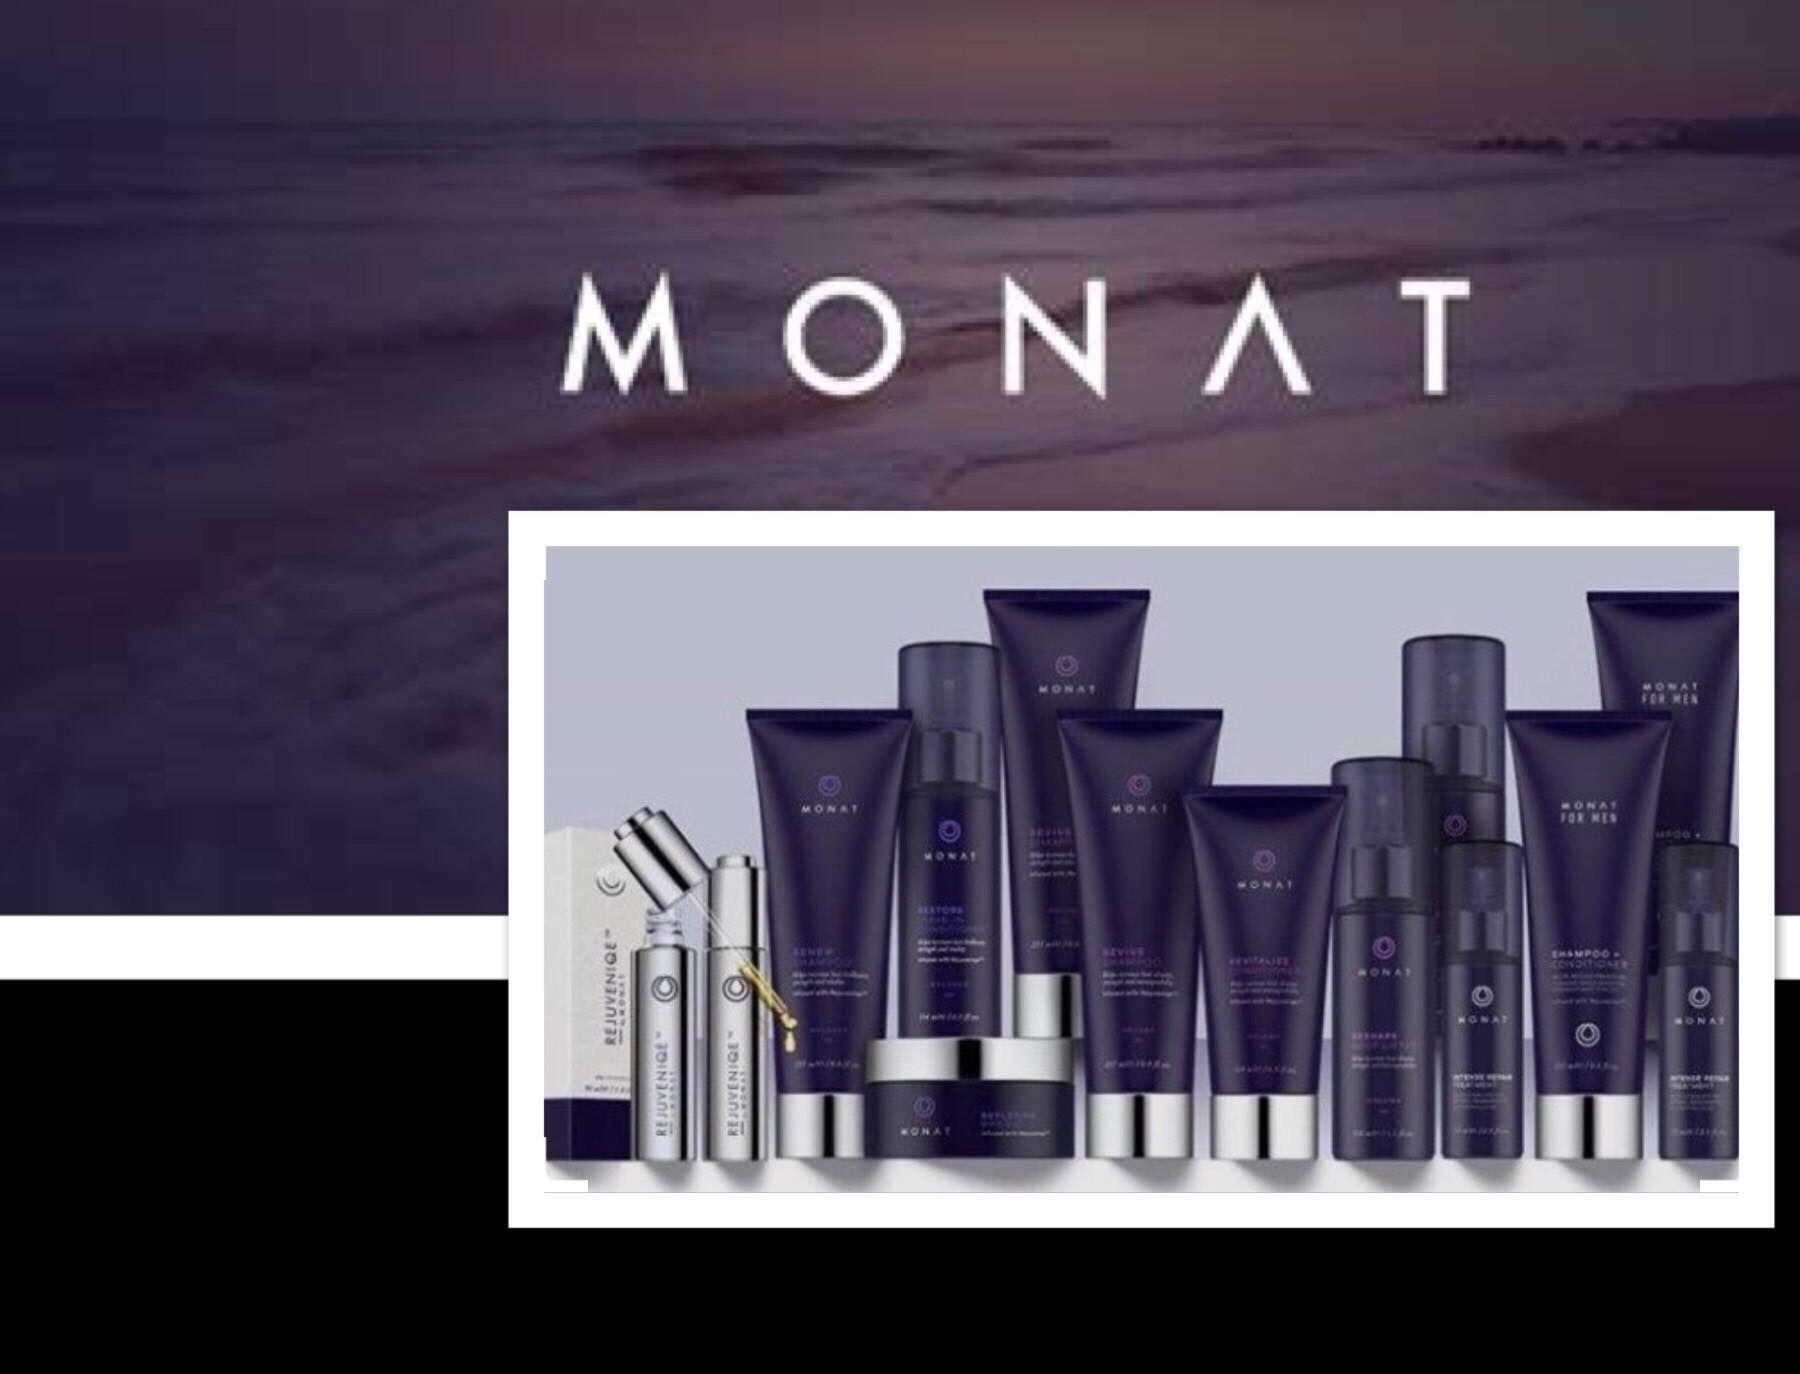 MONAT - The Magic Elixer!